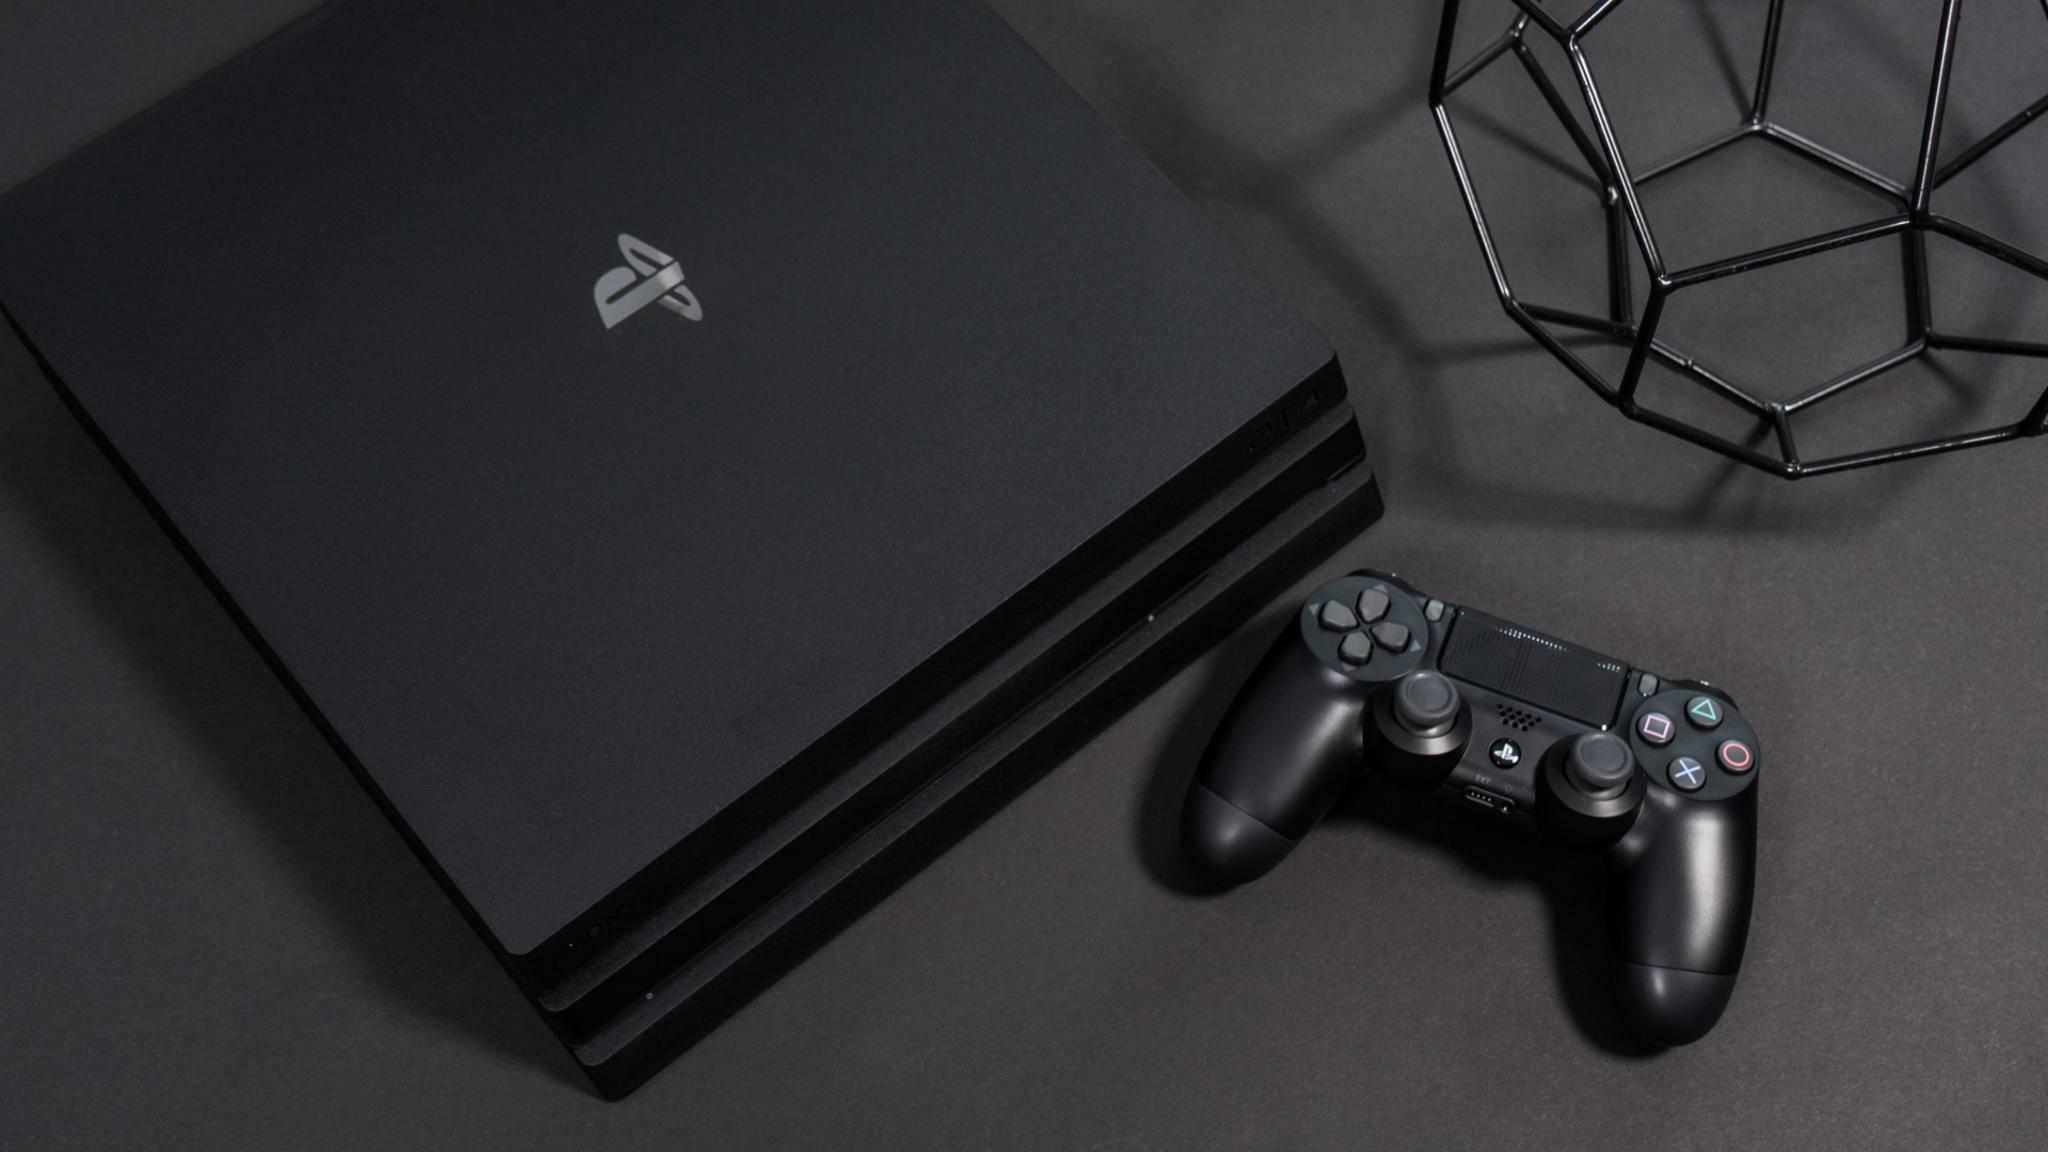 Aktuelle Konsolen wie die Xbox One S, die PS4 und die PS4 Pro unterstützen Dolby Atmos durch den Umweg der Bitstream-Ausgabe.